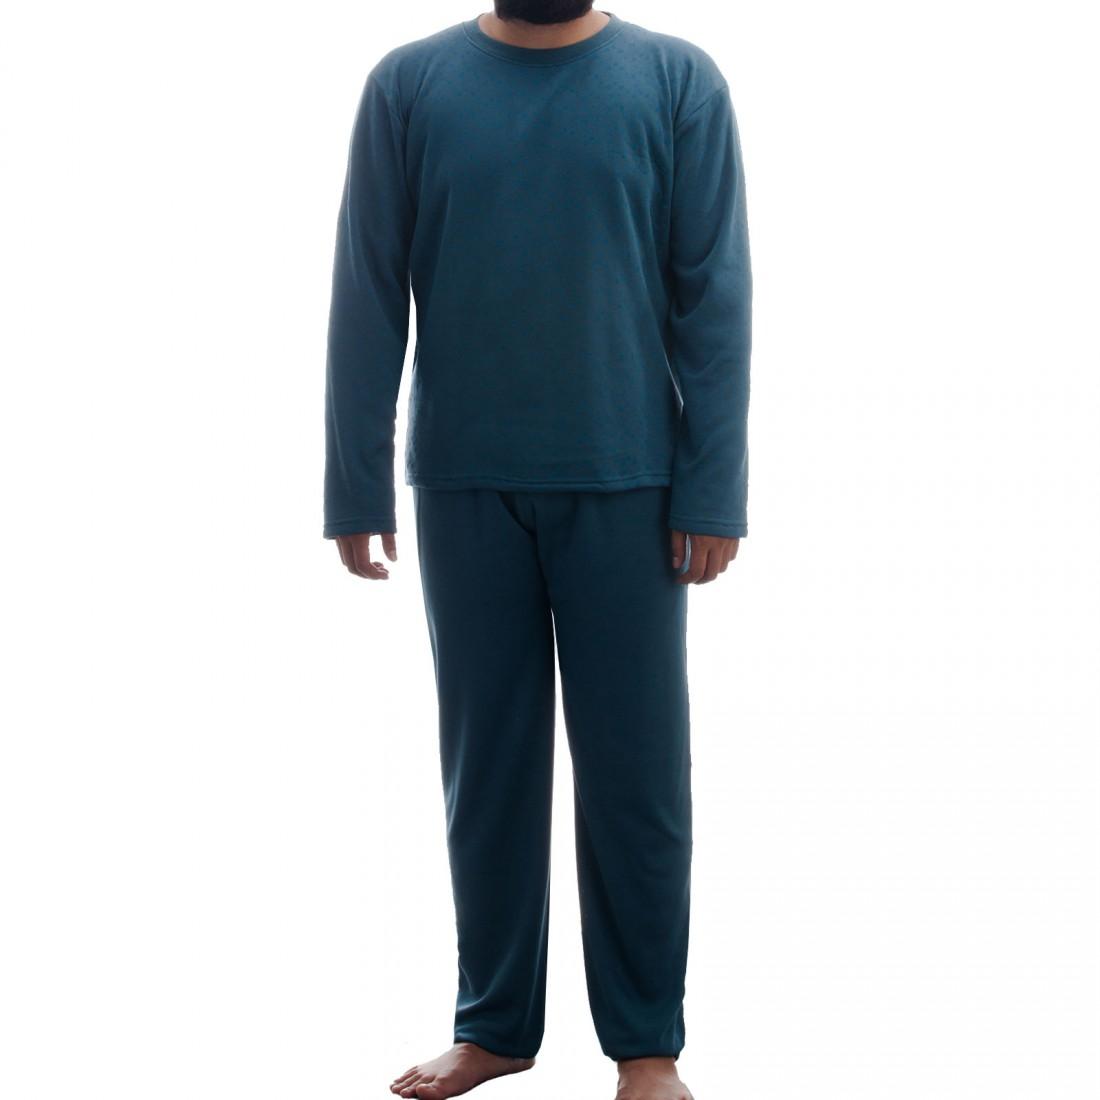 b64611e682 Lucky - Herren Thermo Pyjama Schlafanzug im Set Rundhals angerauht mit  Paisely Muster Winter – Bild